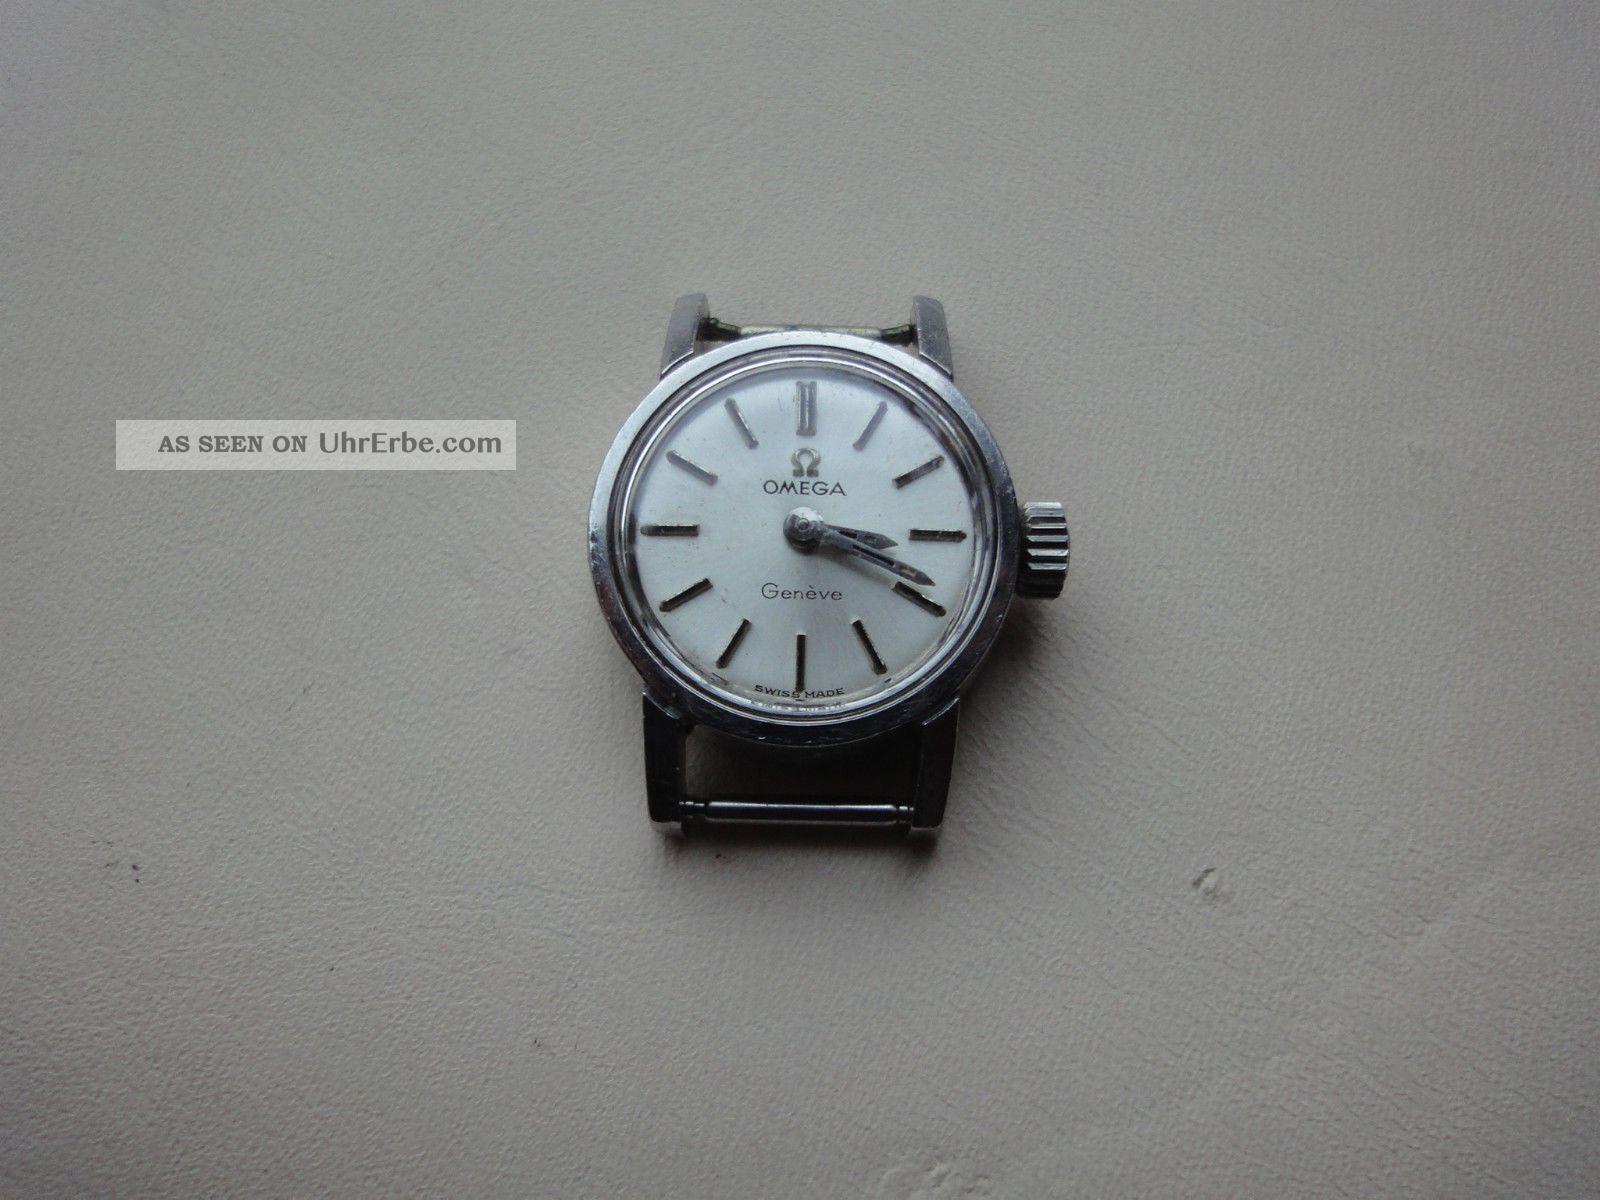 Damen Uhr Omega Genéve. Armbanduhren Bild